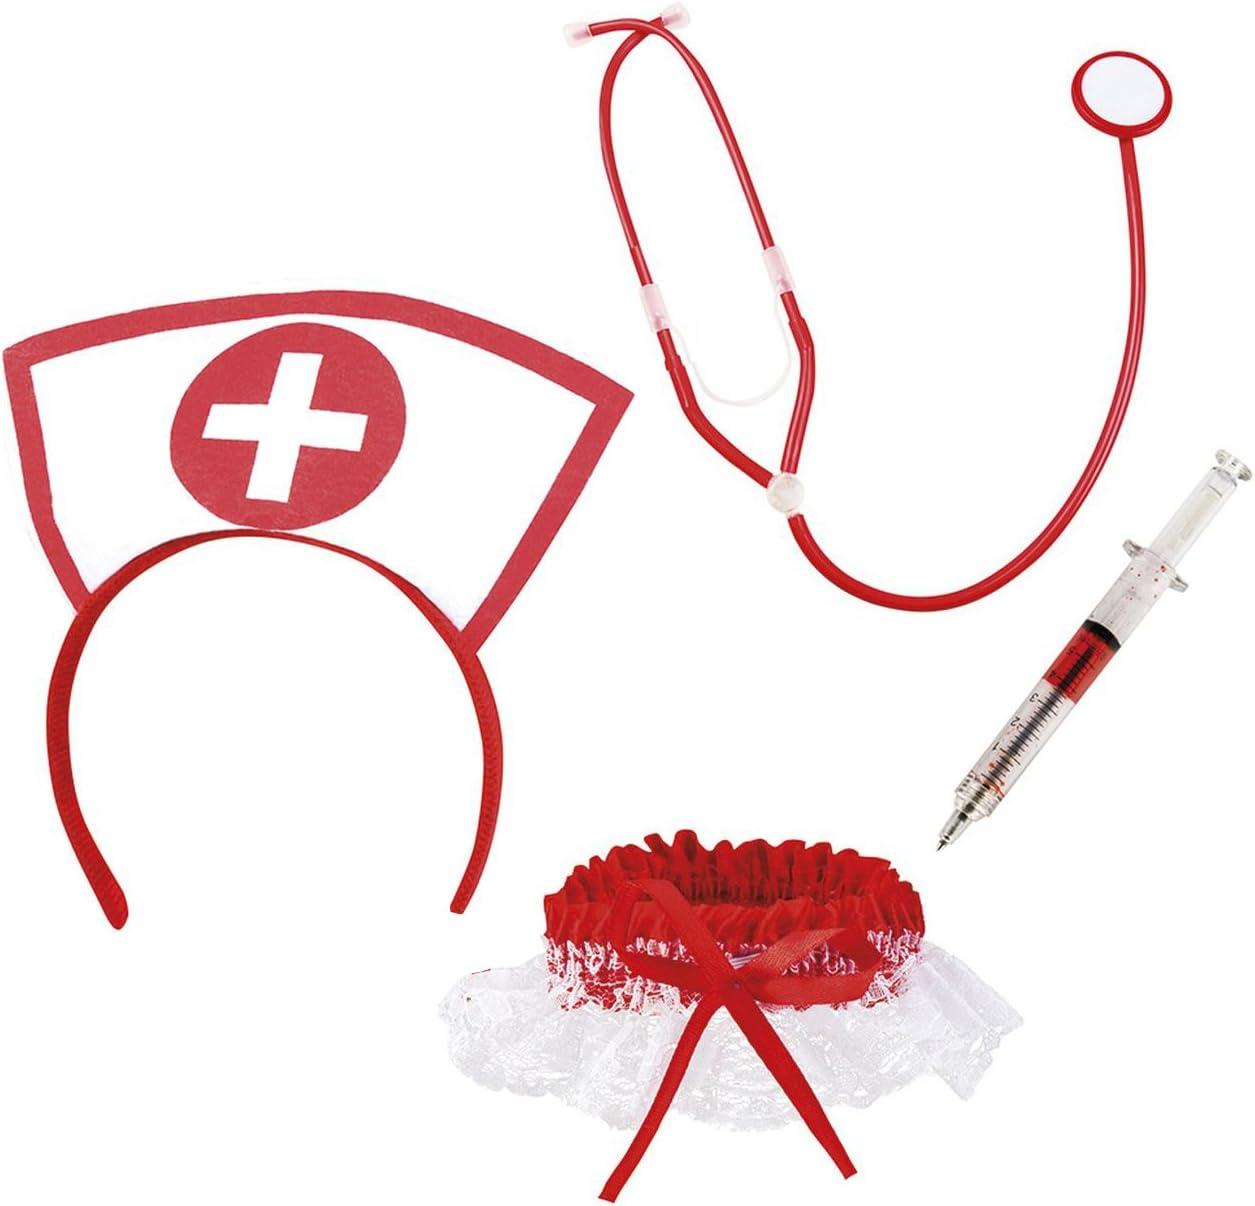 Boland 44803 – Juego de enfermera sexy, con arreif, estetoscopio, medias y lápiz de jeringa, médico, trabajo, fiesta temática, carnaval